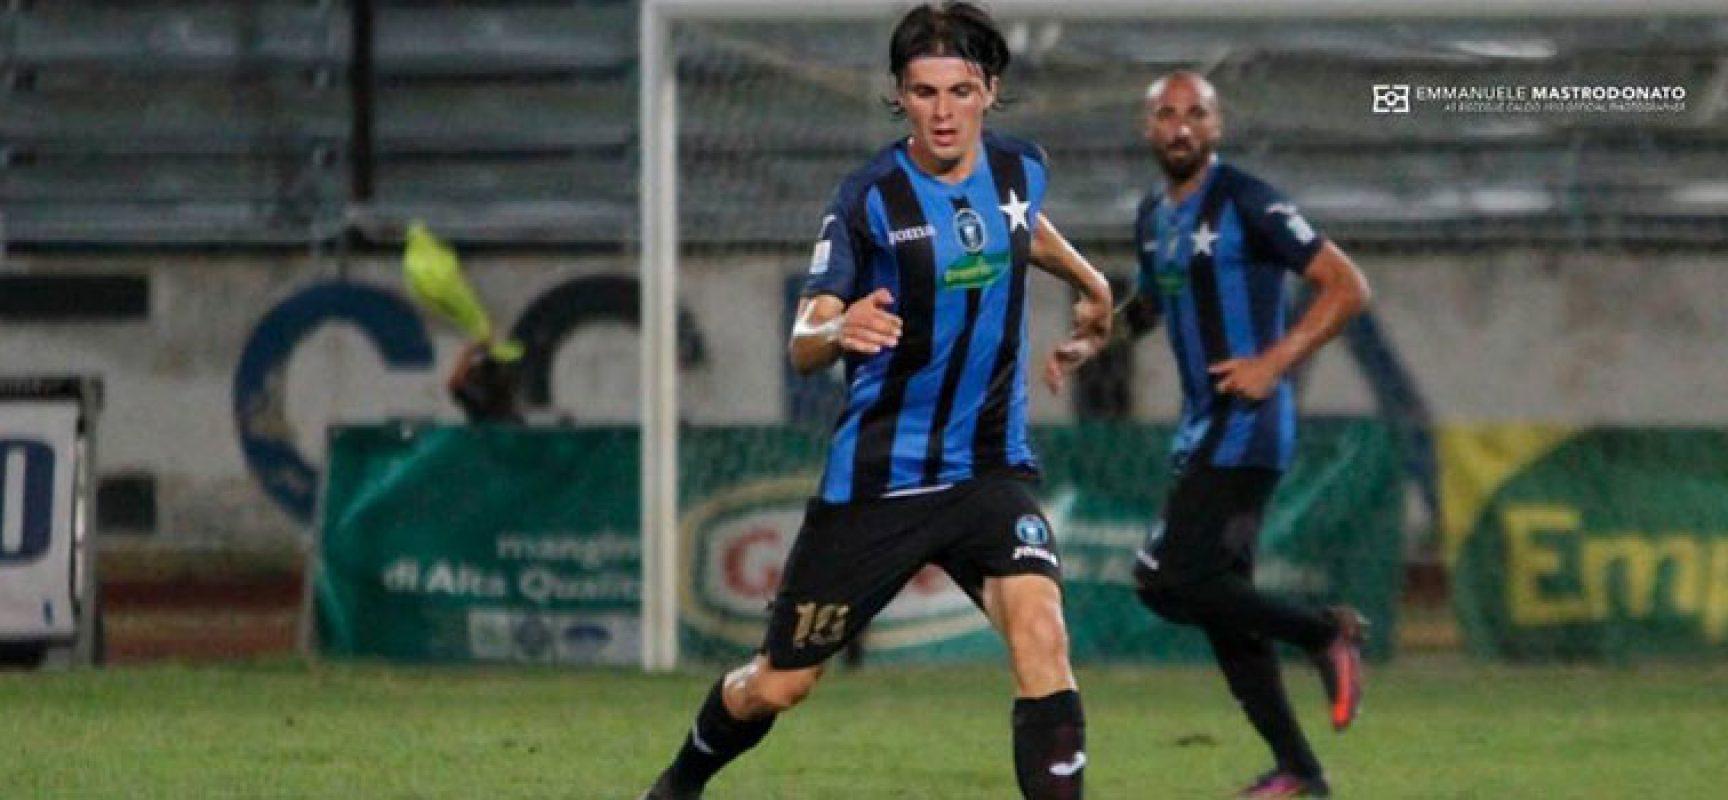 Bisceglie calcio, al via l'esodo dei calciatori e domenica incombe la Coppa Italia